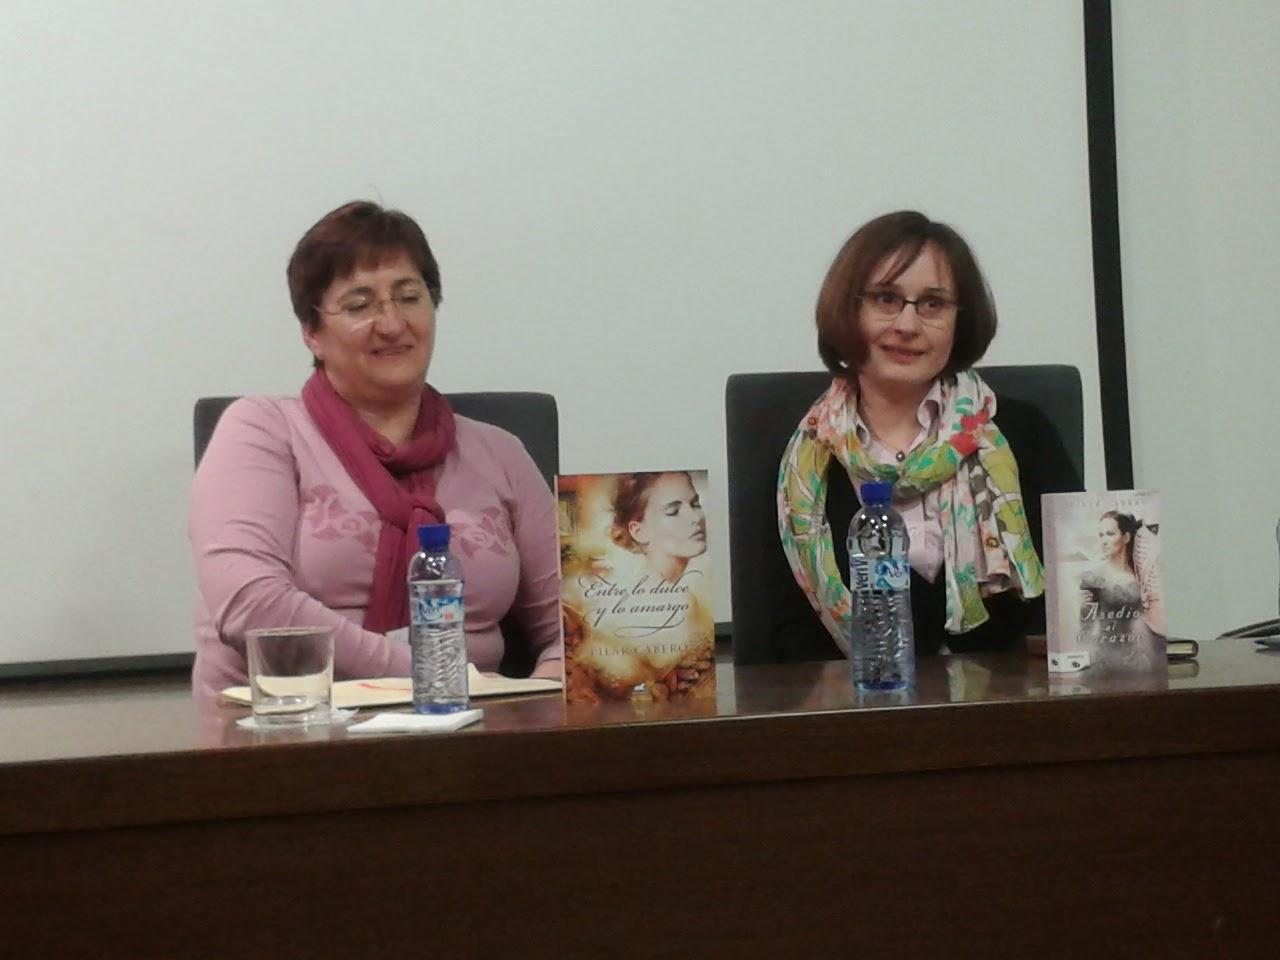 Presentación libro de Pilar Cabero